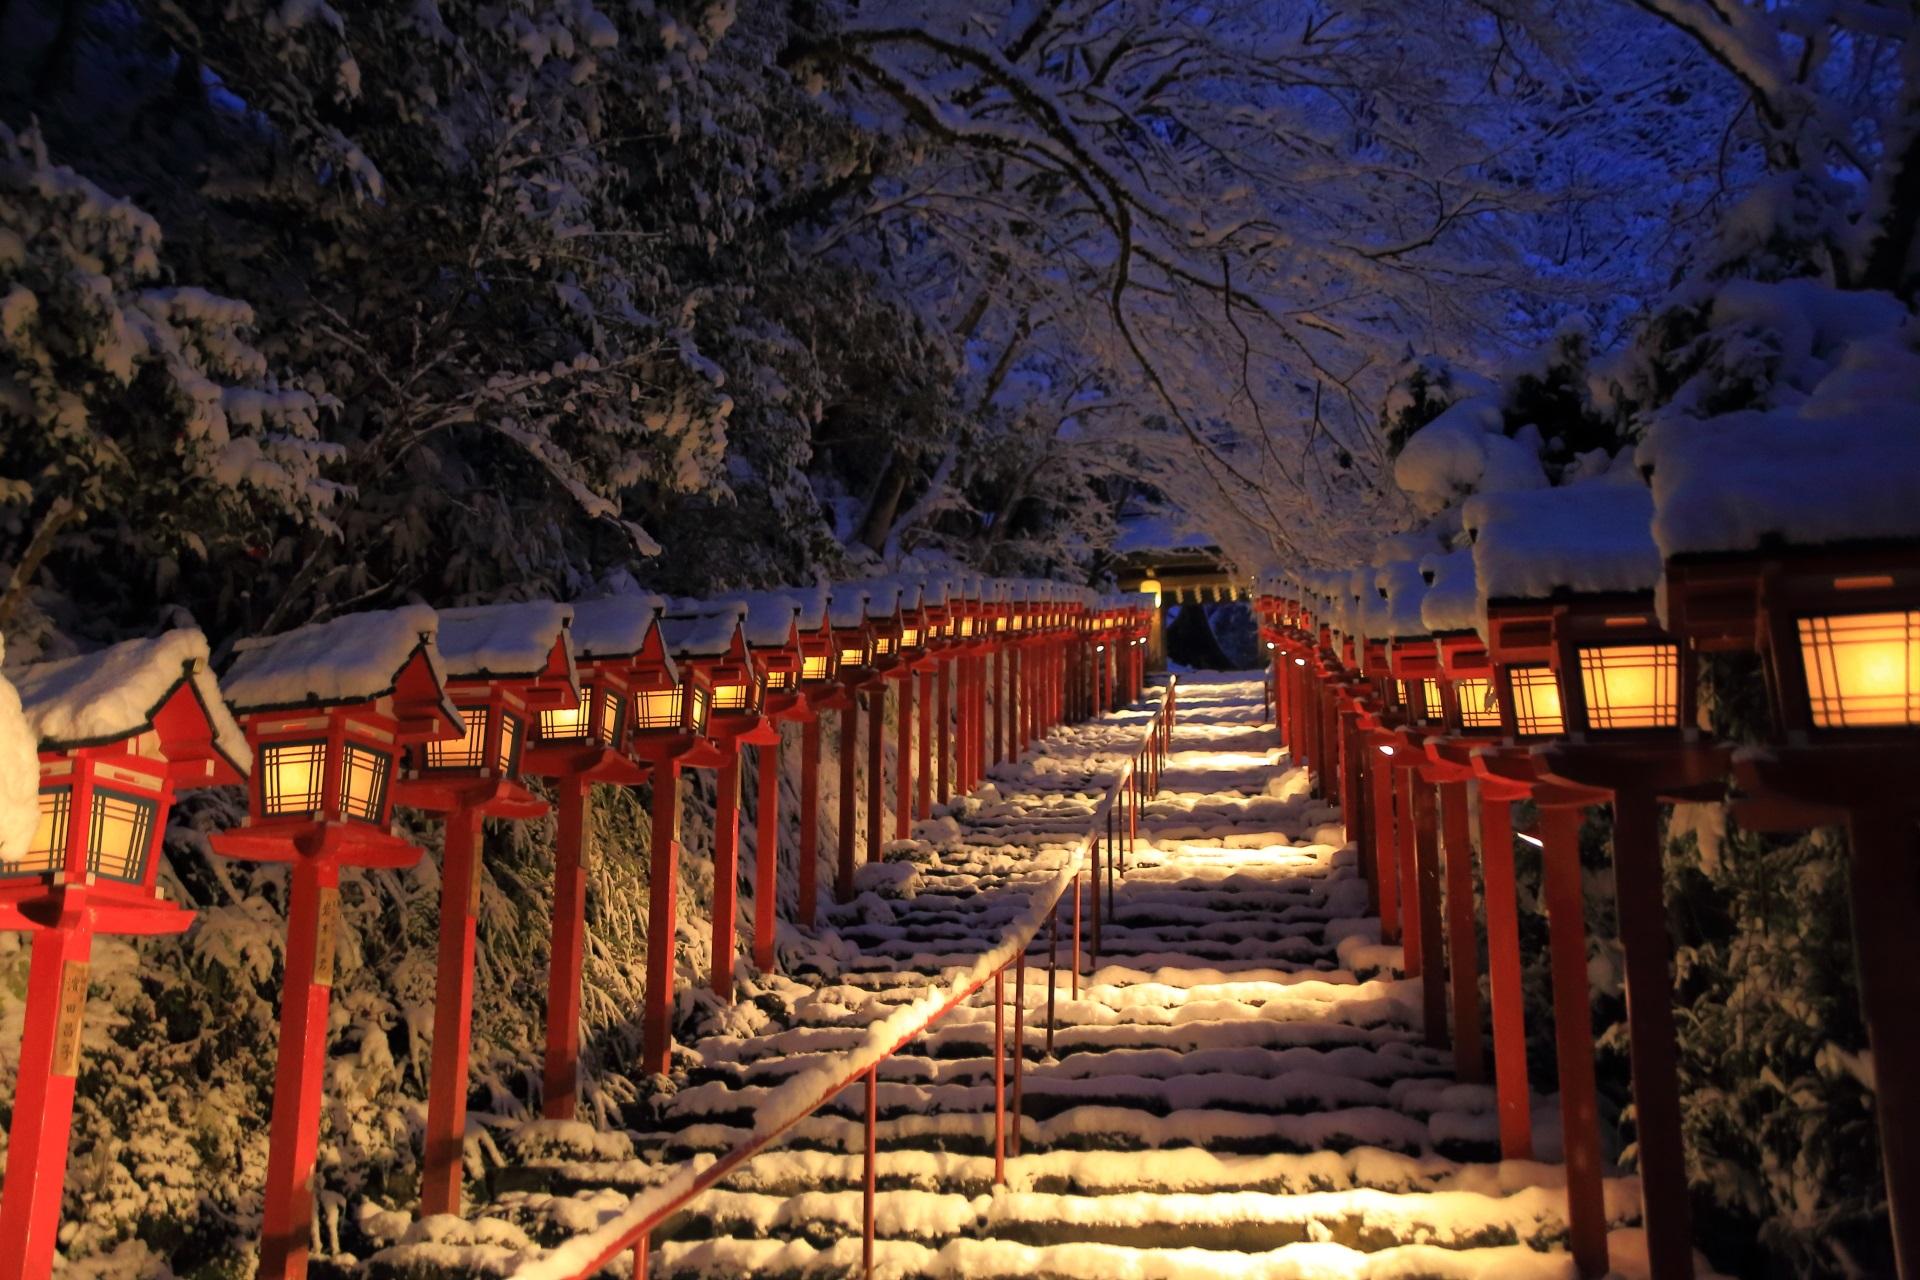 貴船神社の夜明け前の石段の雪景色